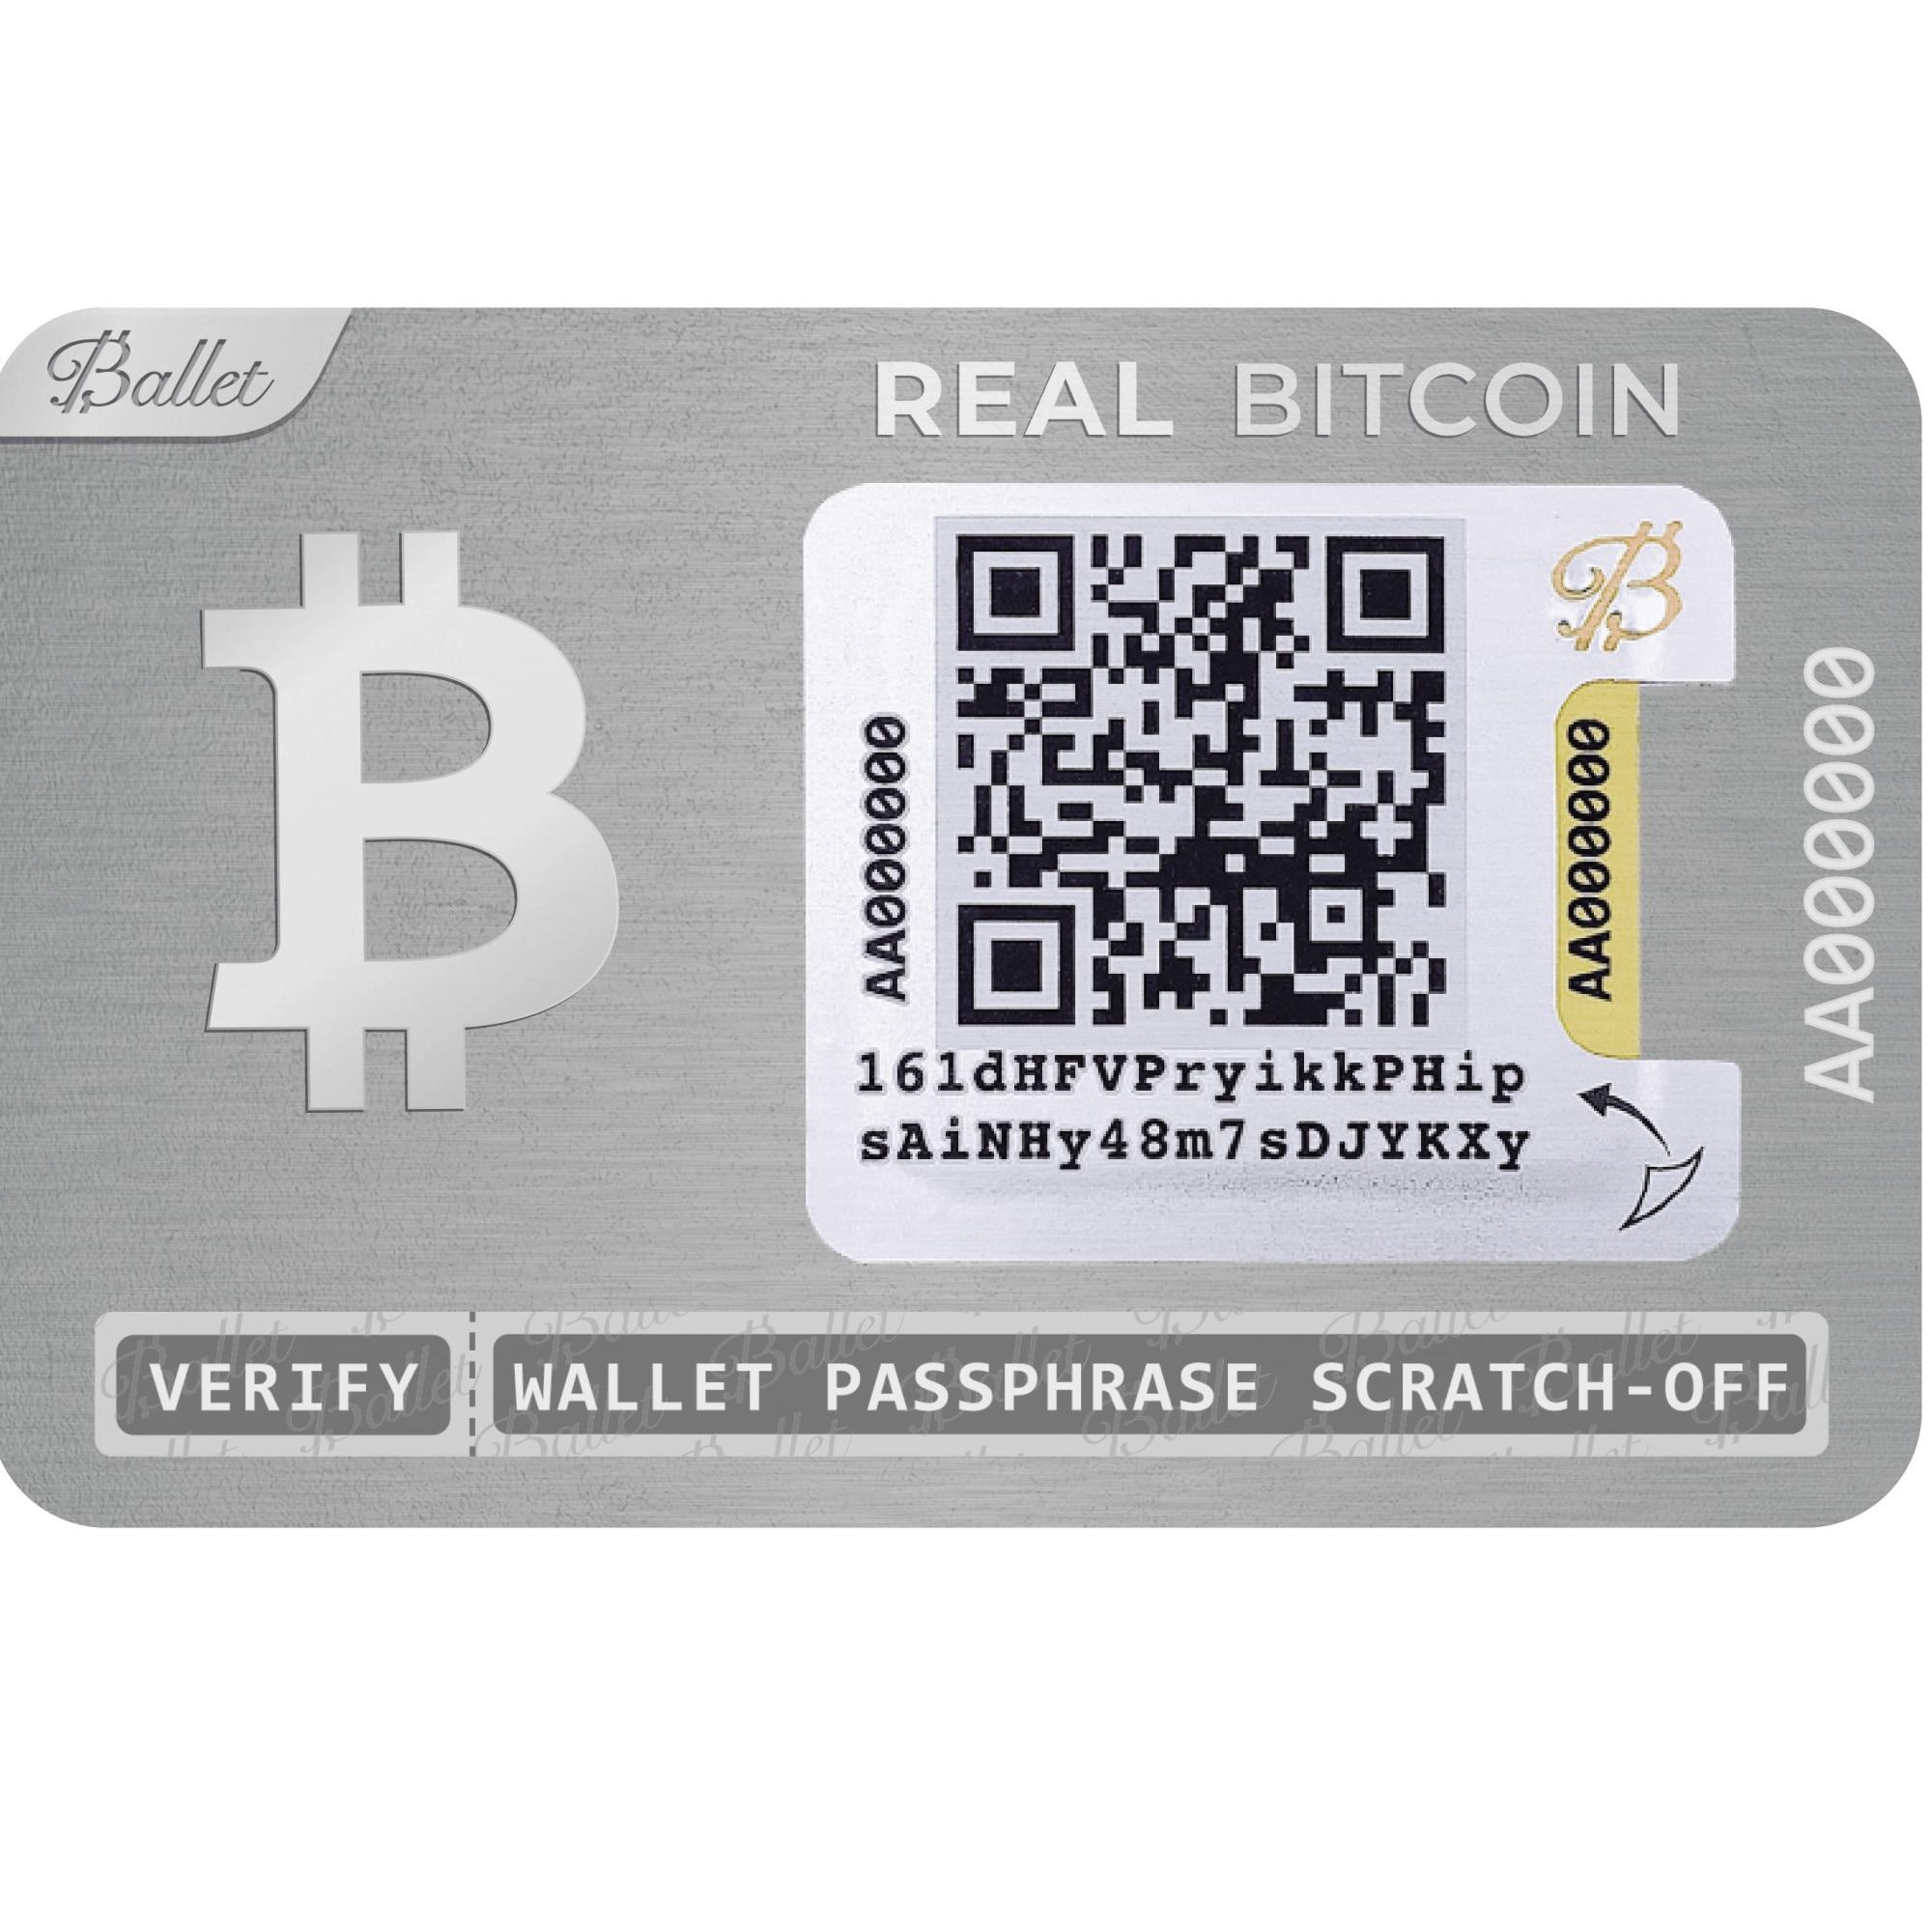 portofel hardware cumpăra bitcoin strategie de opțiuni binare cu acțiune de preț